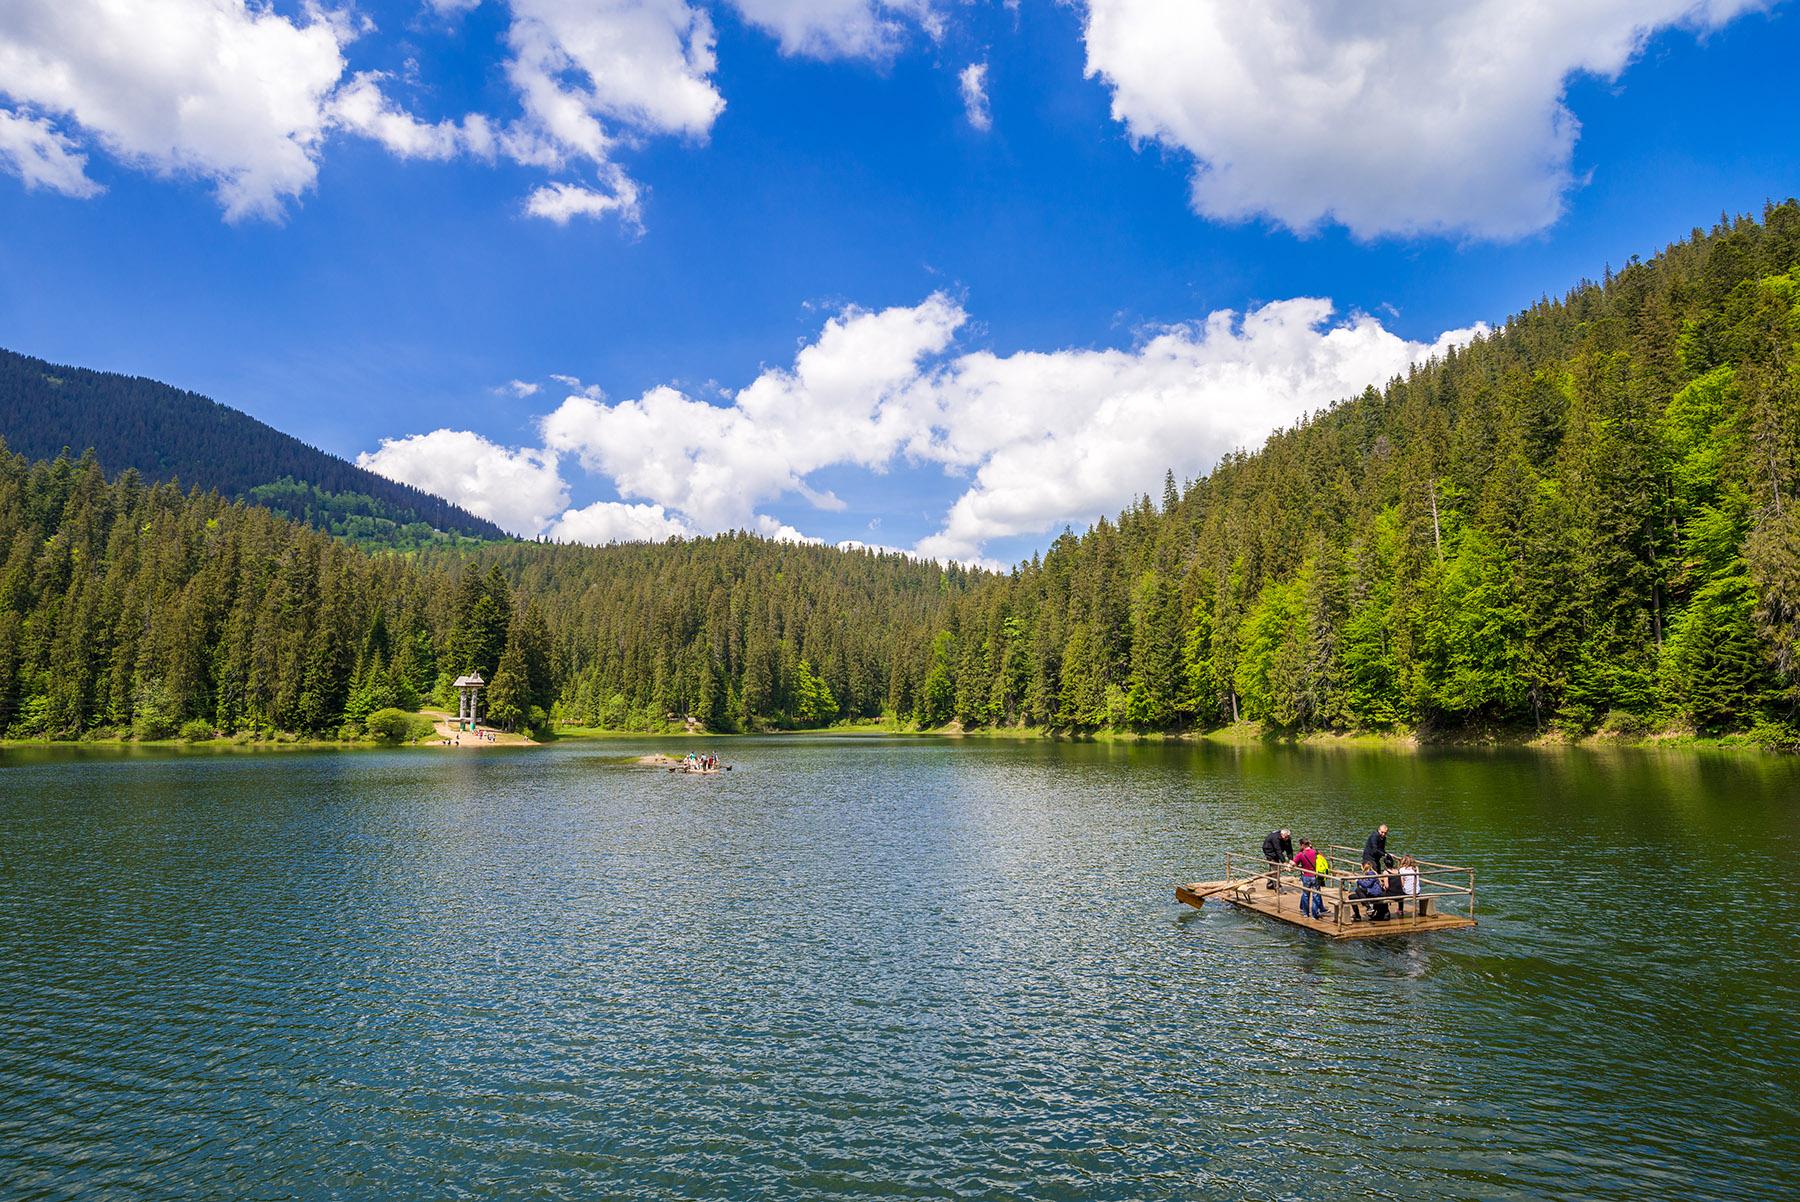 Synevir-Polyans'ke Lake, Ukraine